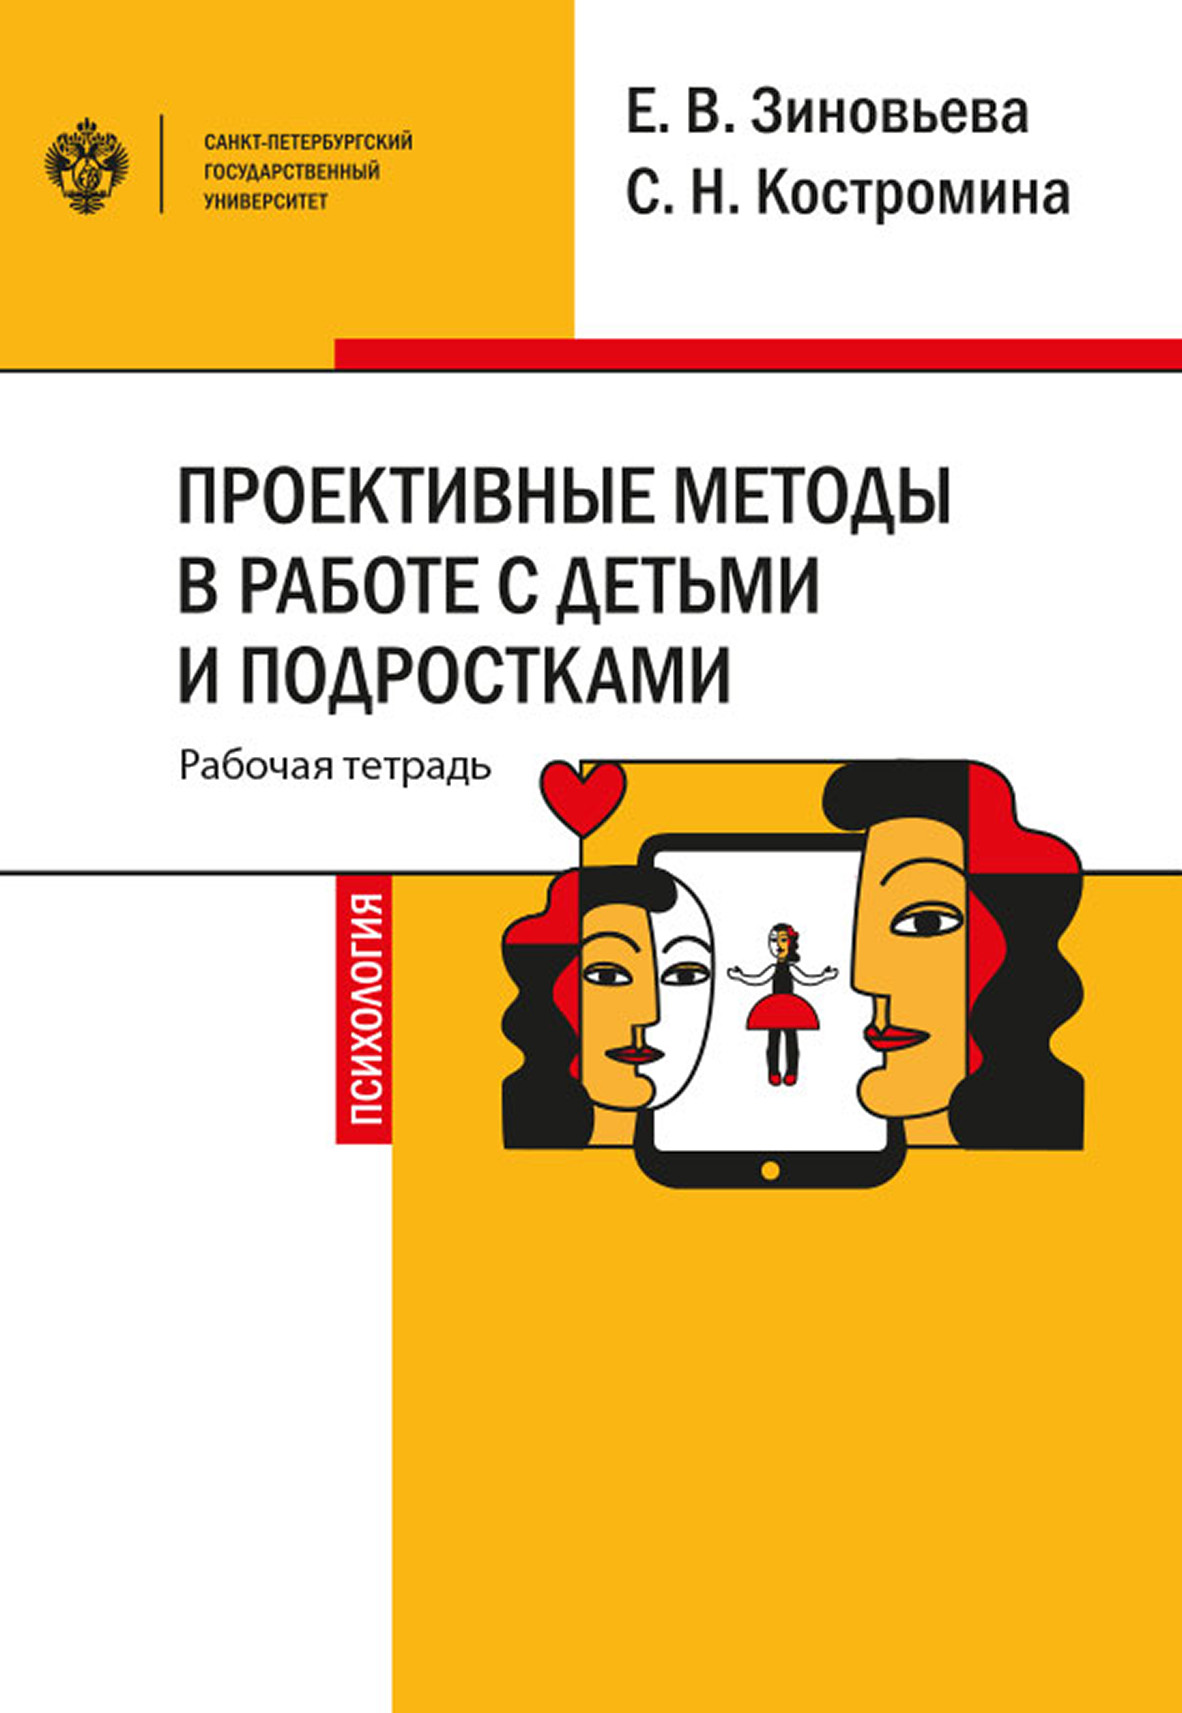 Купить книгу Проективные методы в работе с детьми и подростками, автора С. Н. Костроминой